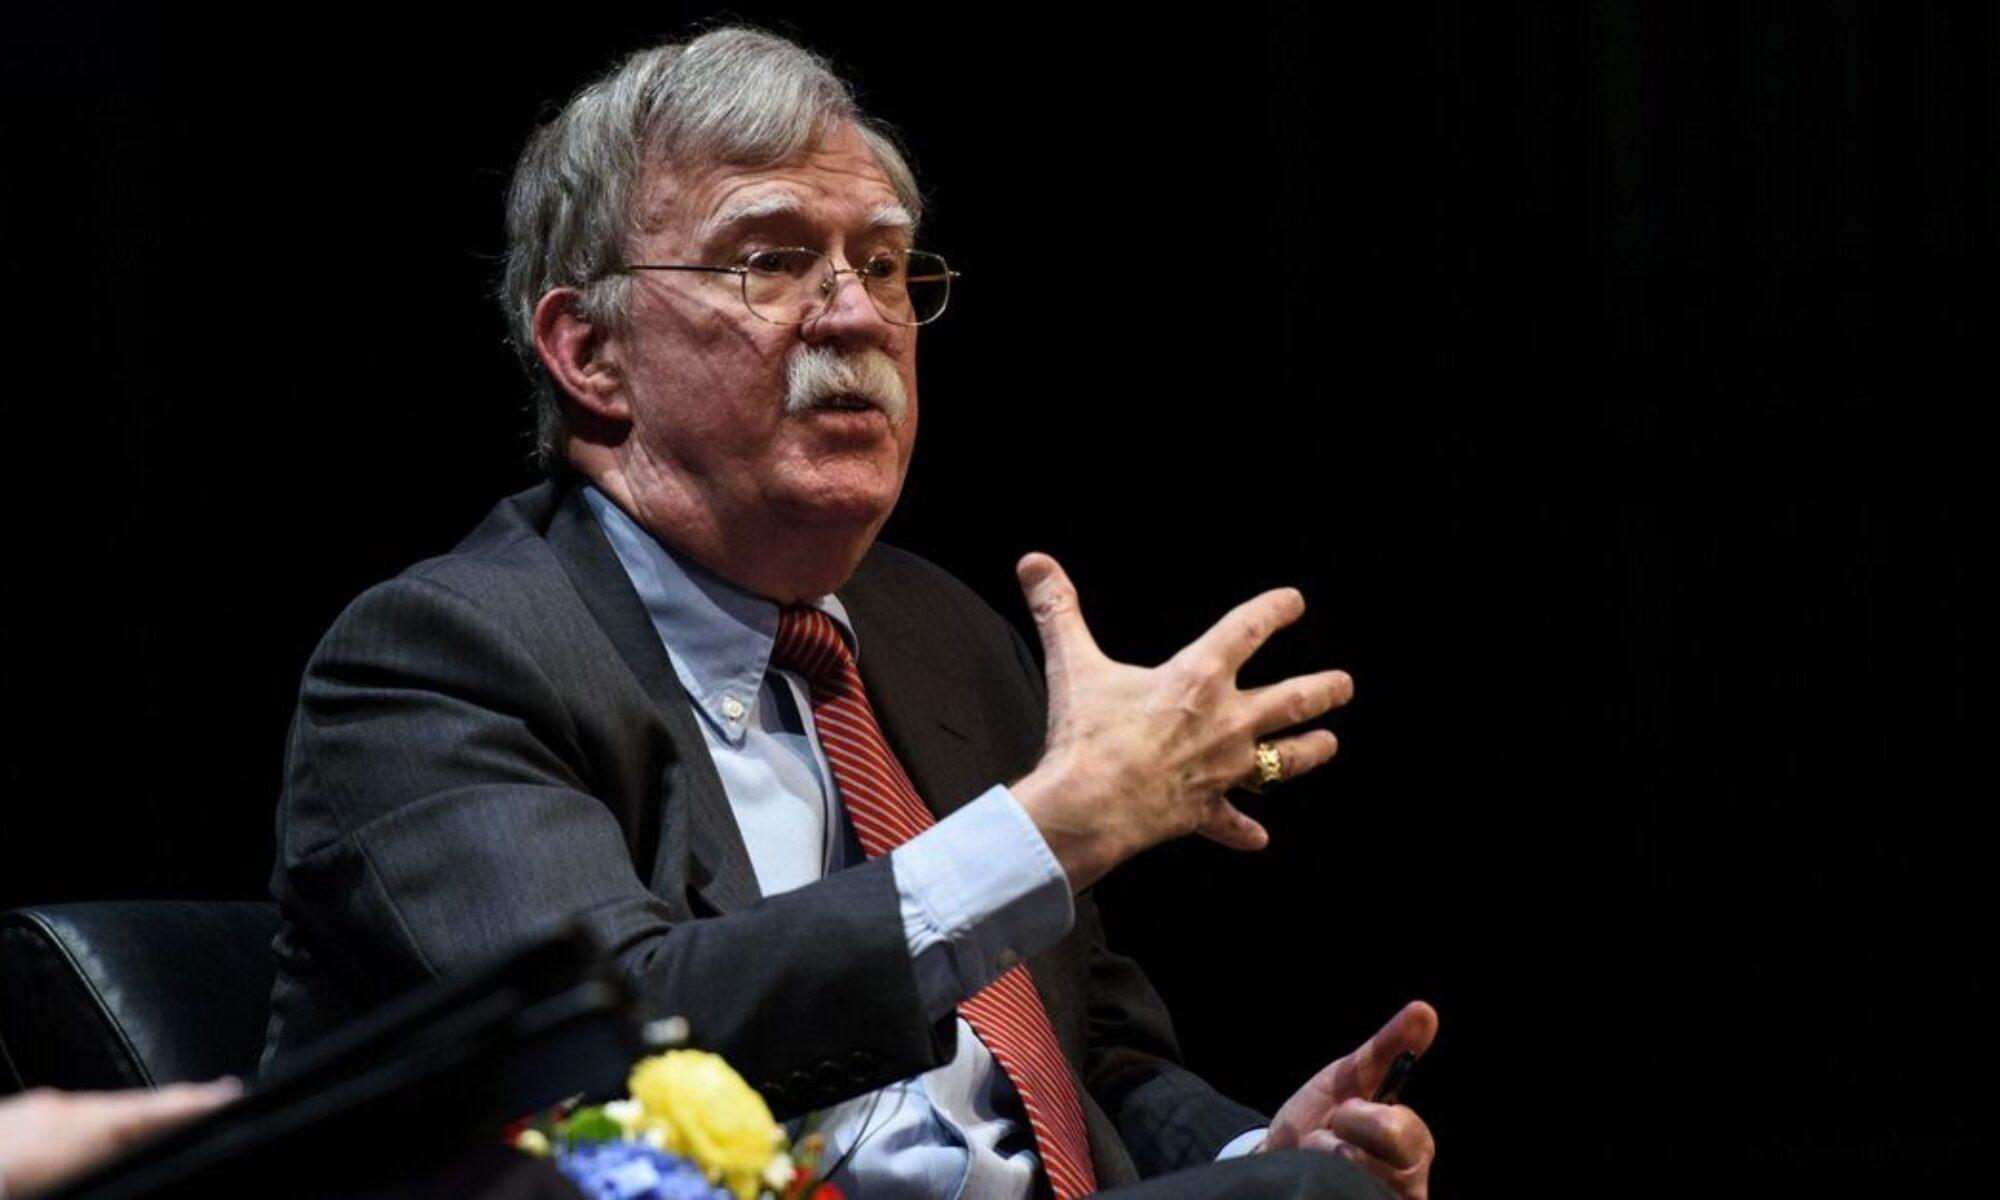 John Bolton konuştu: Trump İran'a hava saldırısı yapma önerimi dinlemedi